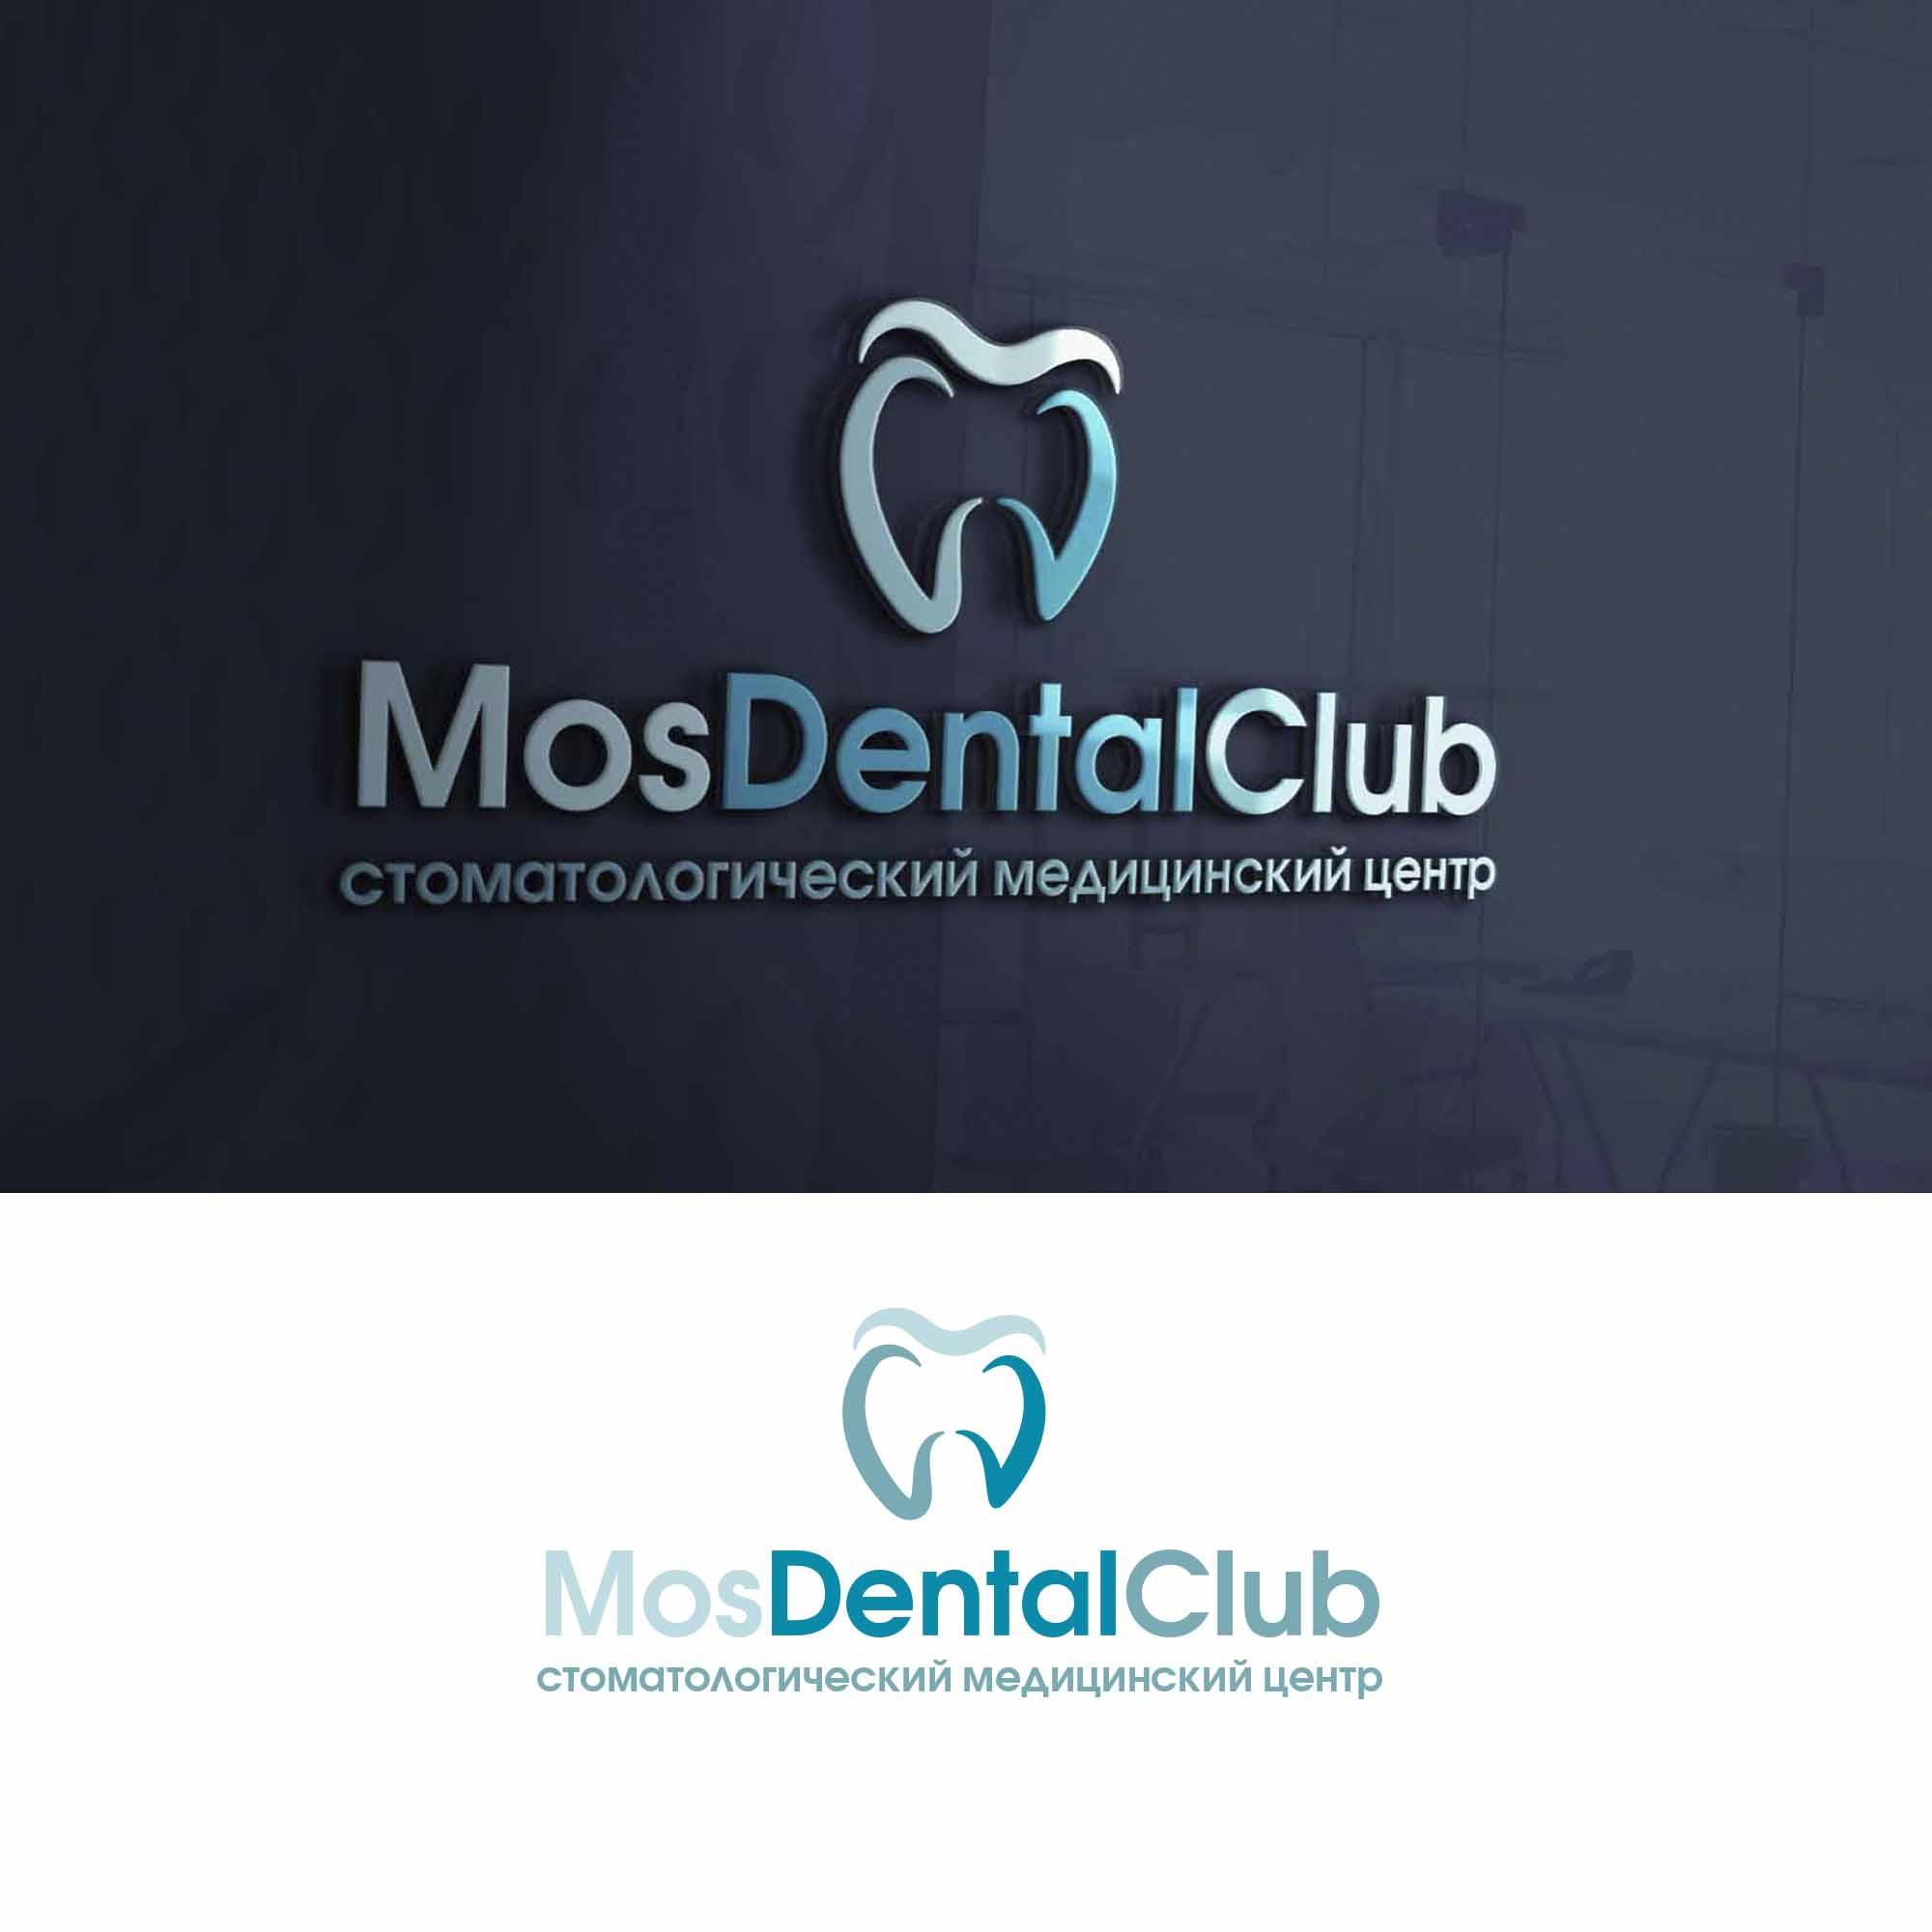 Разработка логотипа стоматологического медицинского центра фото f_6115e4b00a125d4c.jpg